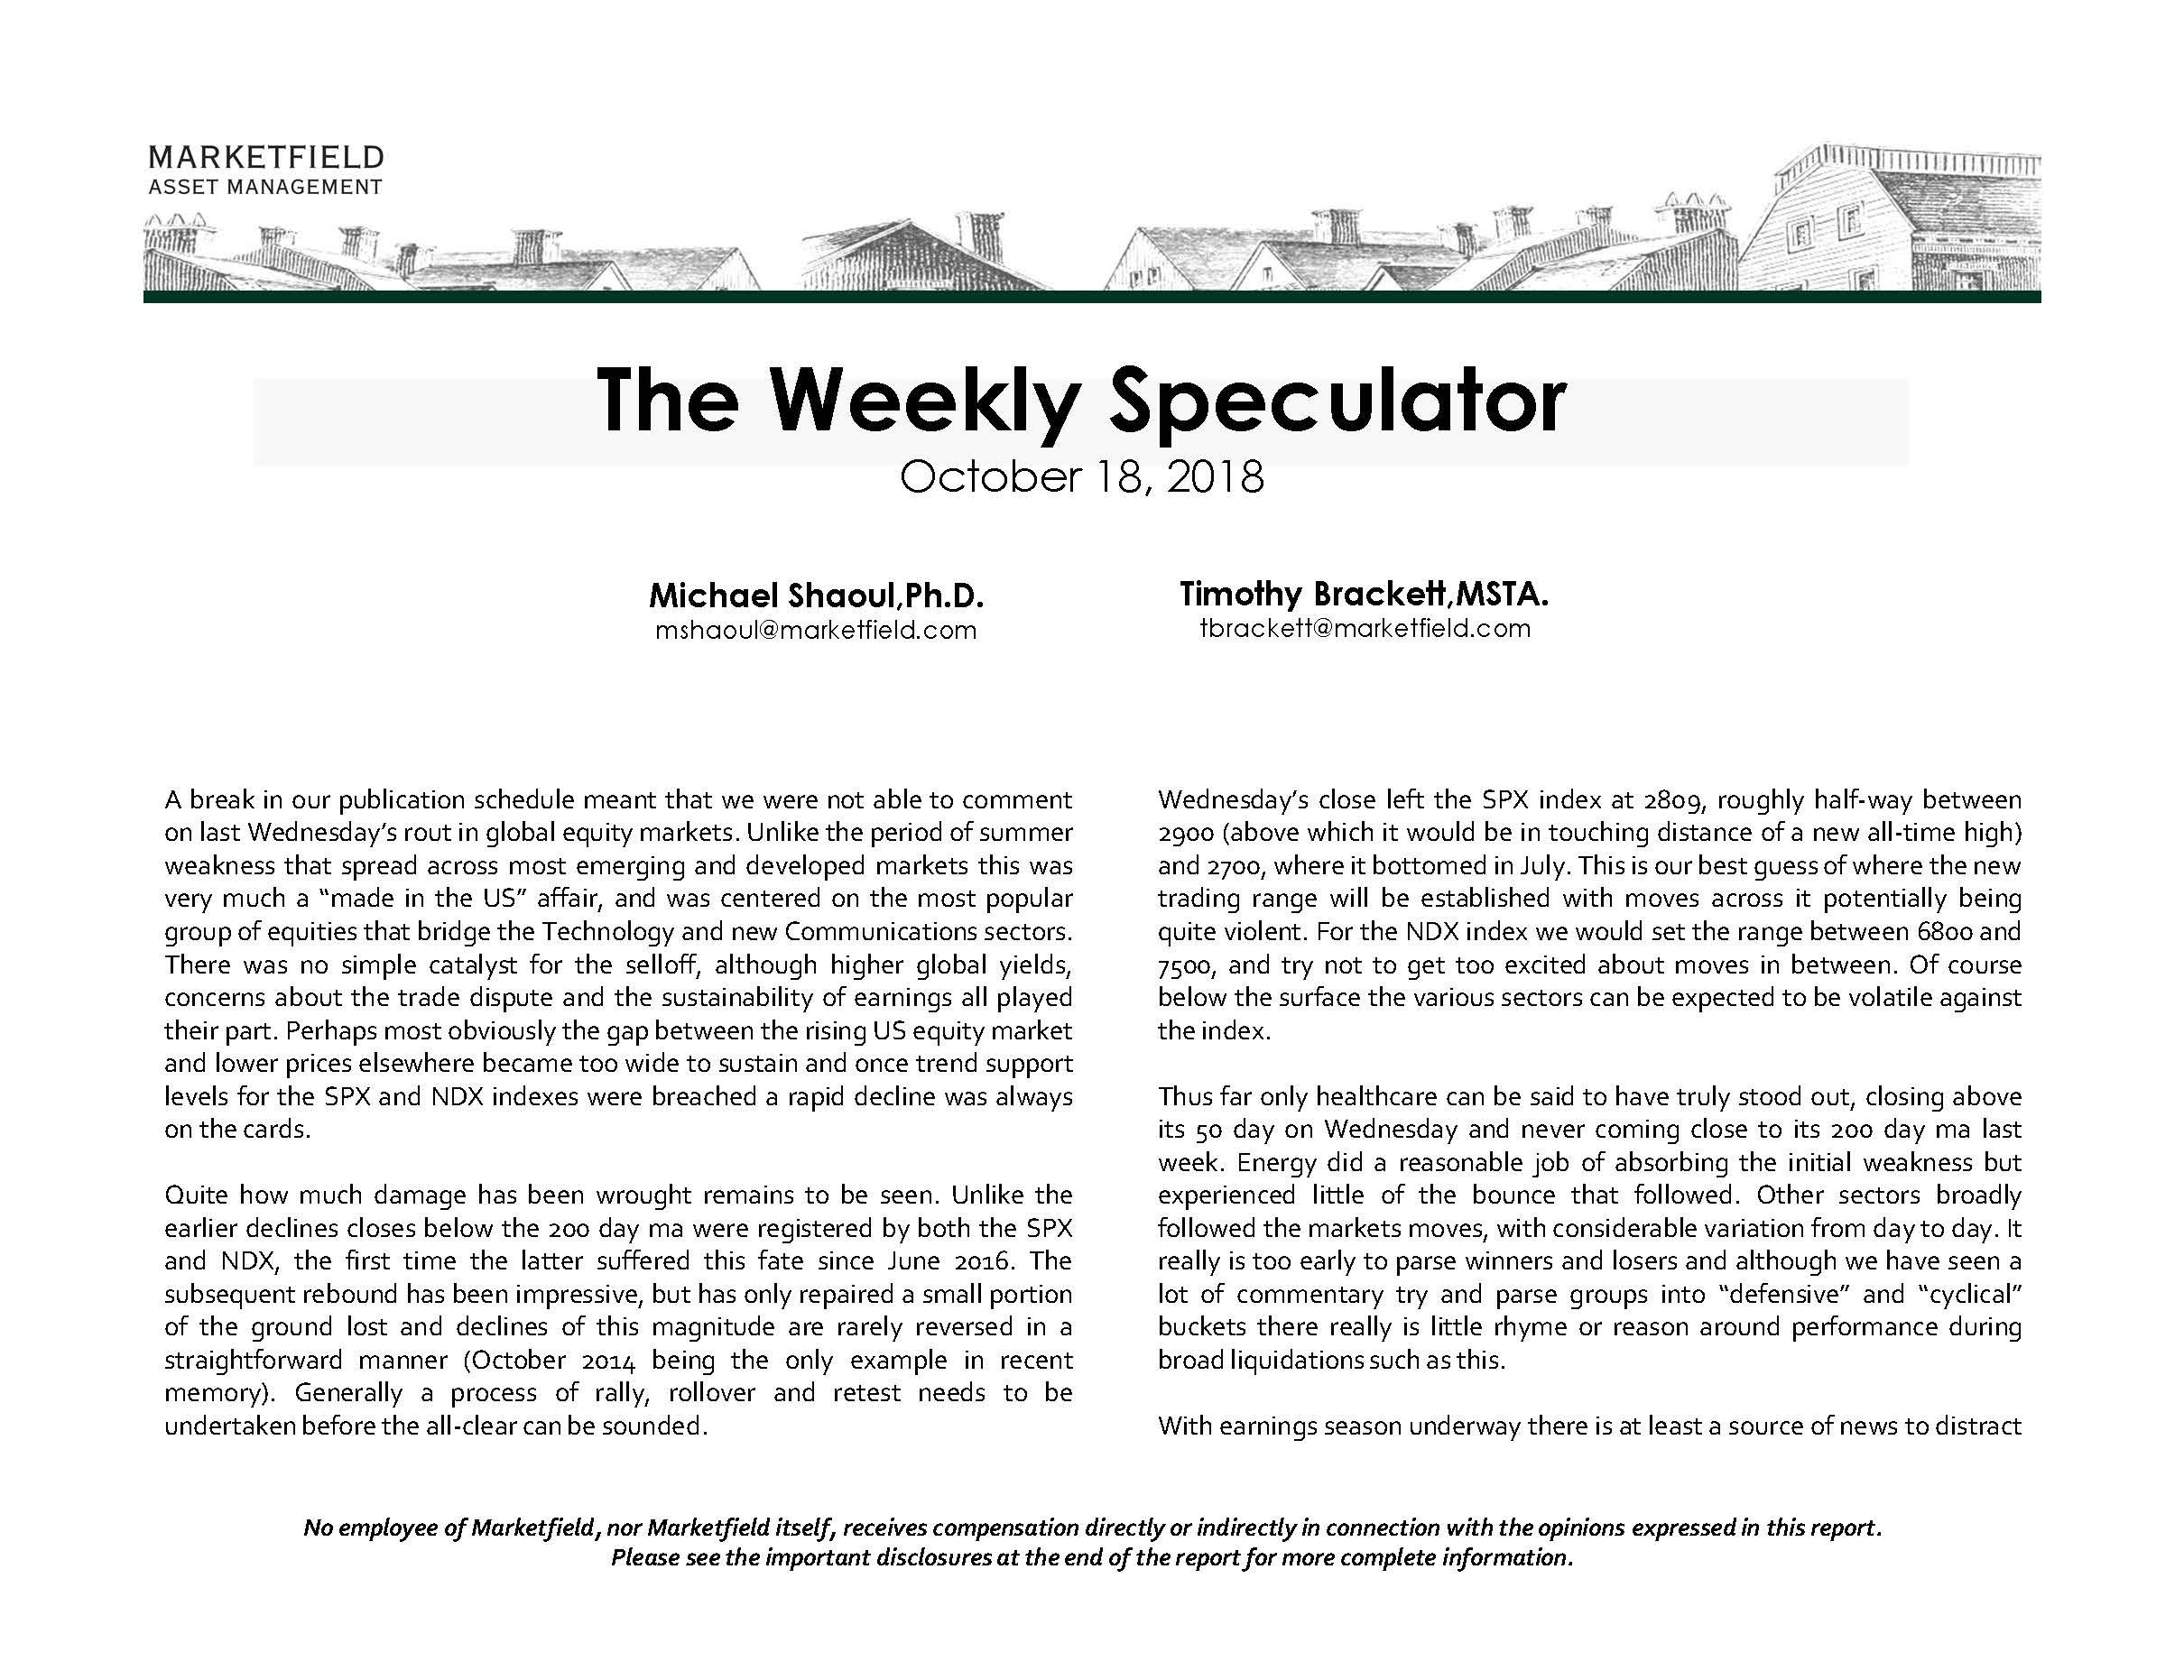 10-18-18_Weekly Speculator_Page_01.jpg